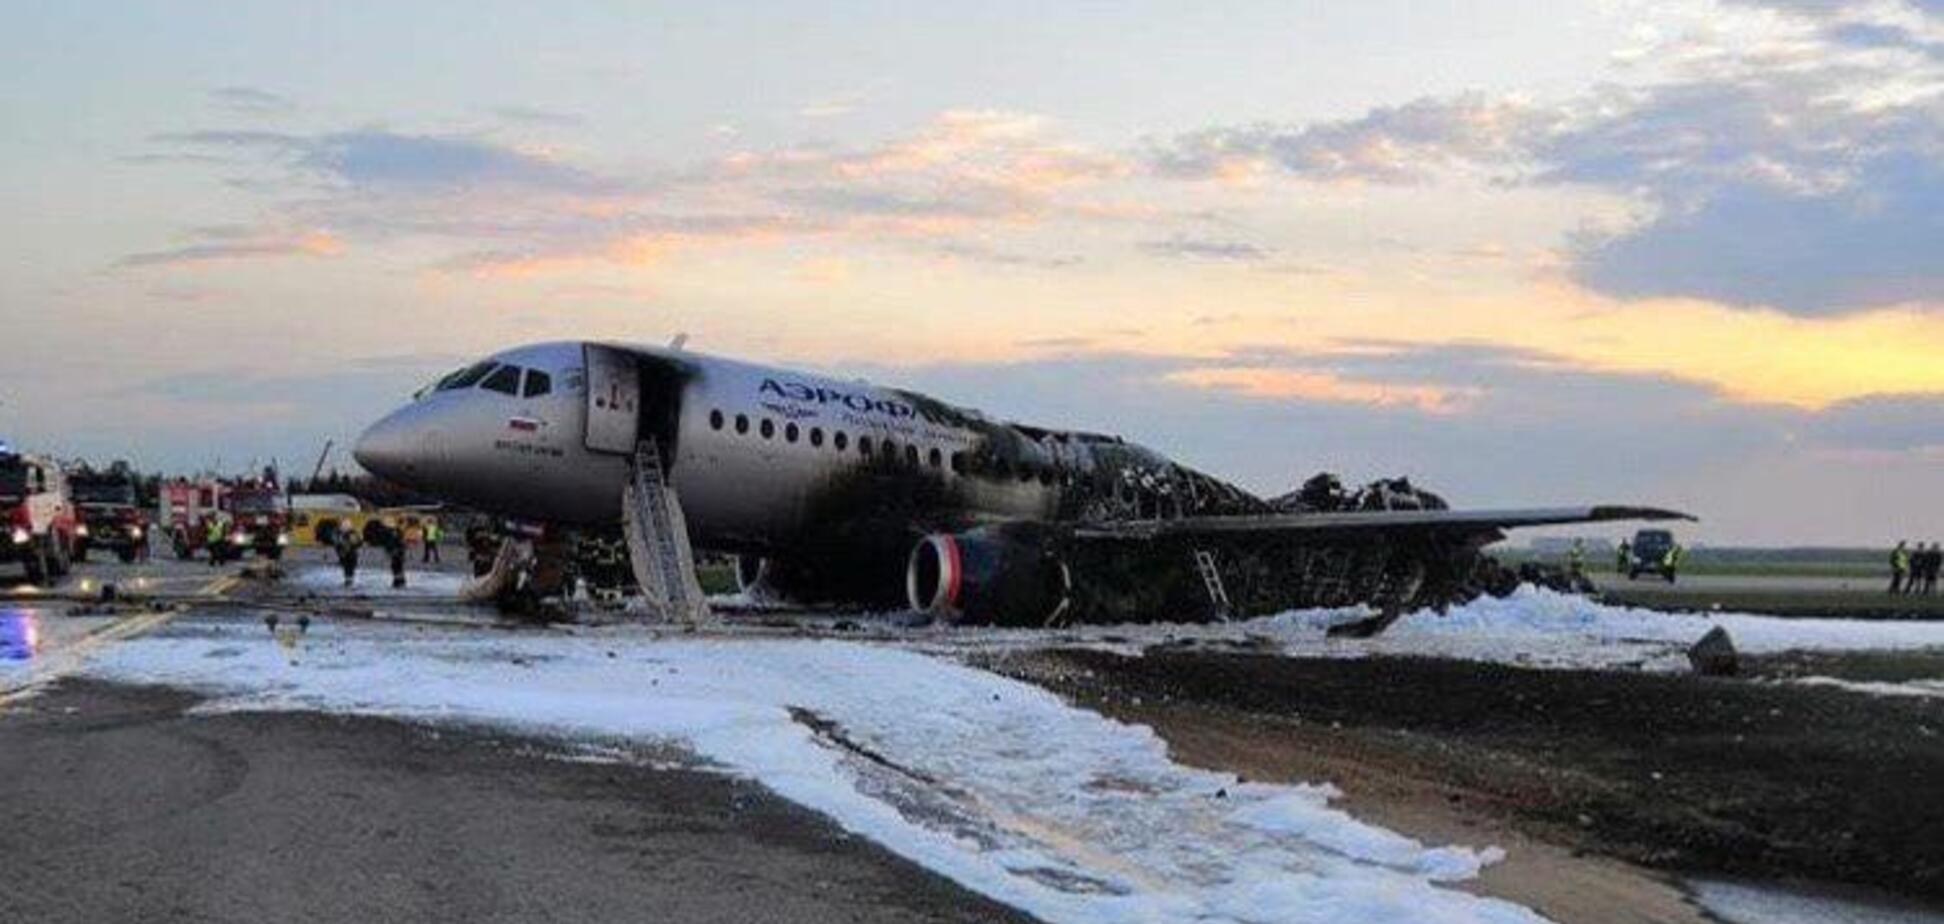 Катастрофа в 'Шереметьево': что известно о трагедии